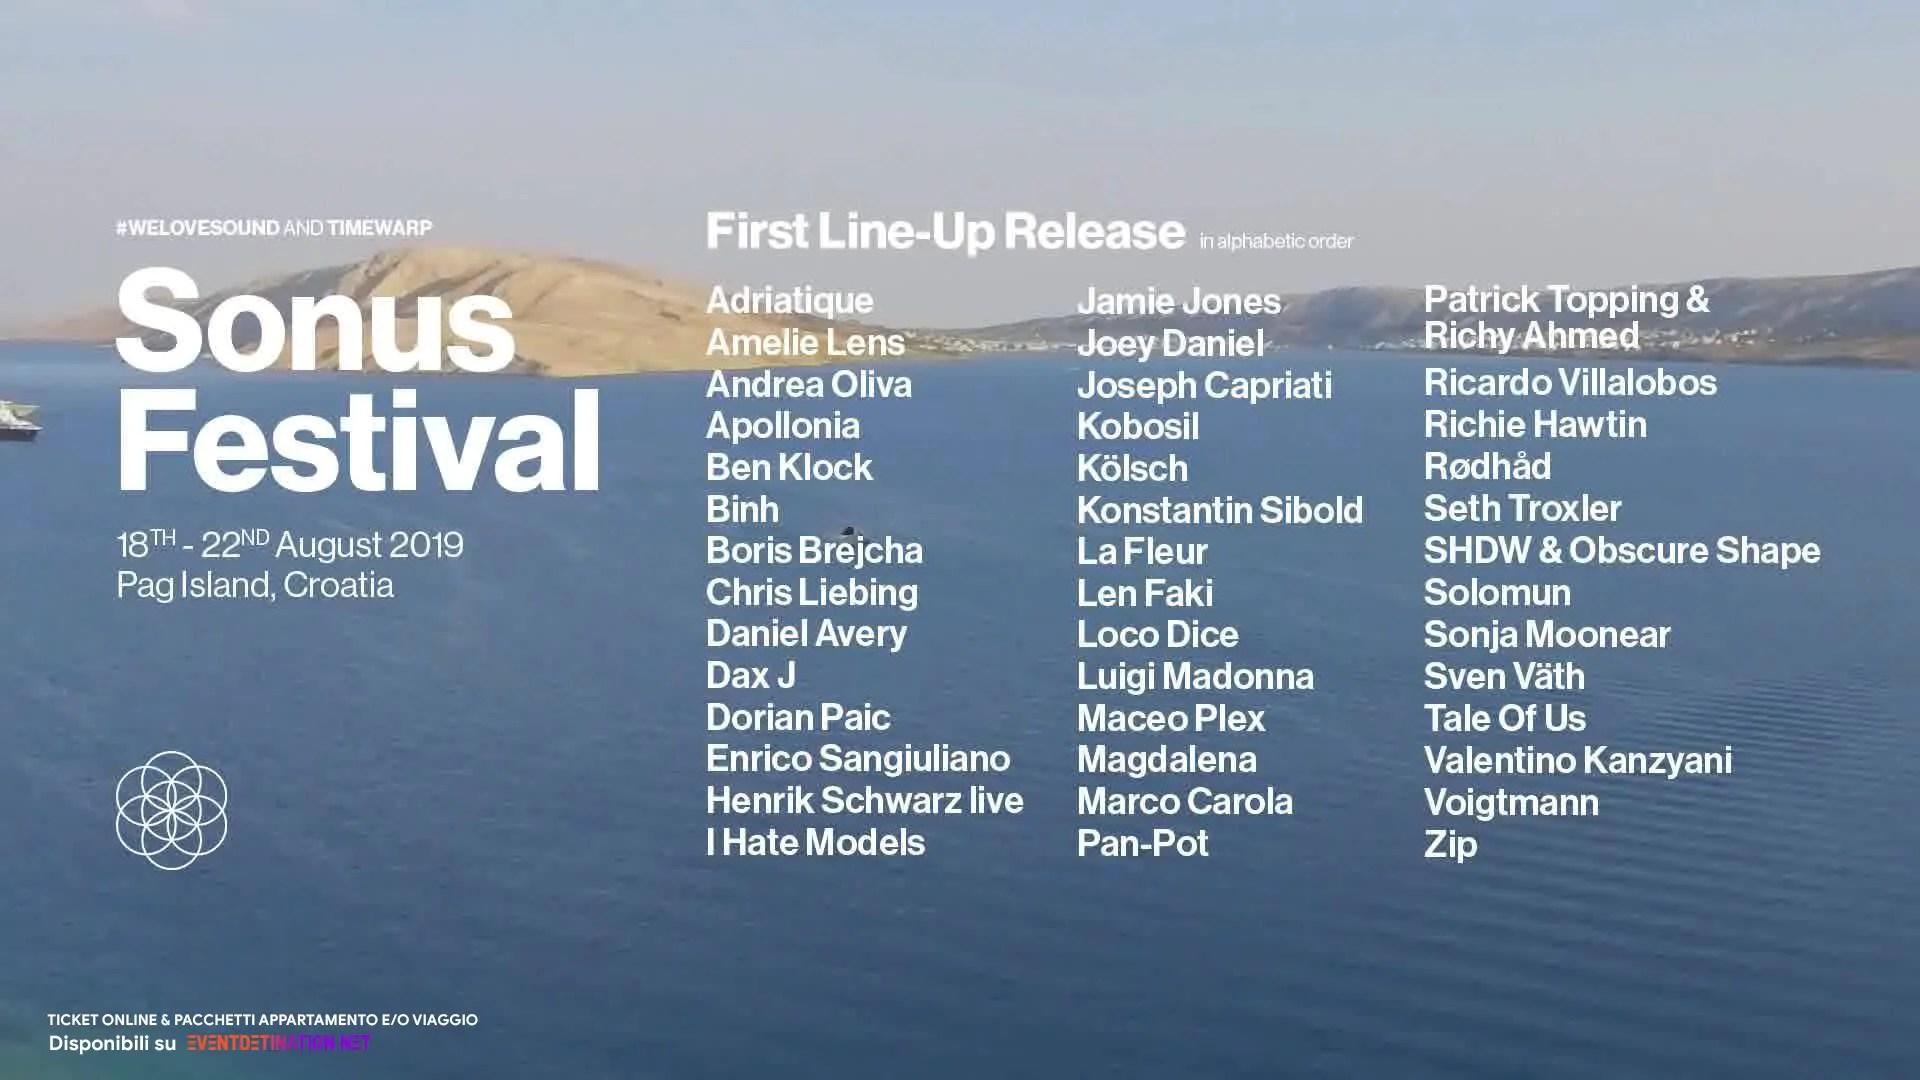 SONUS FESTIVAL 2019, 18 – 22 Agosto – Zrce Beach Pag Croazia – Ticket Pacchetti appartamento